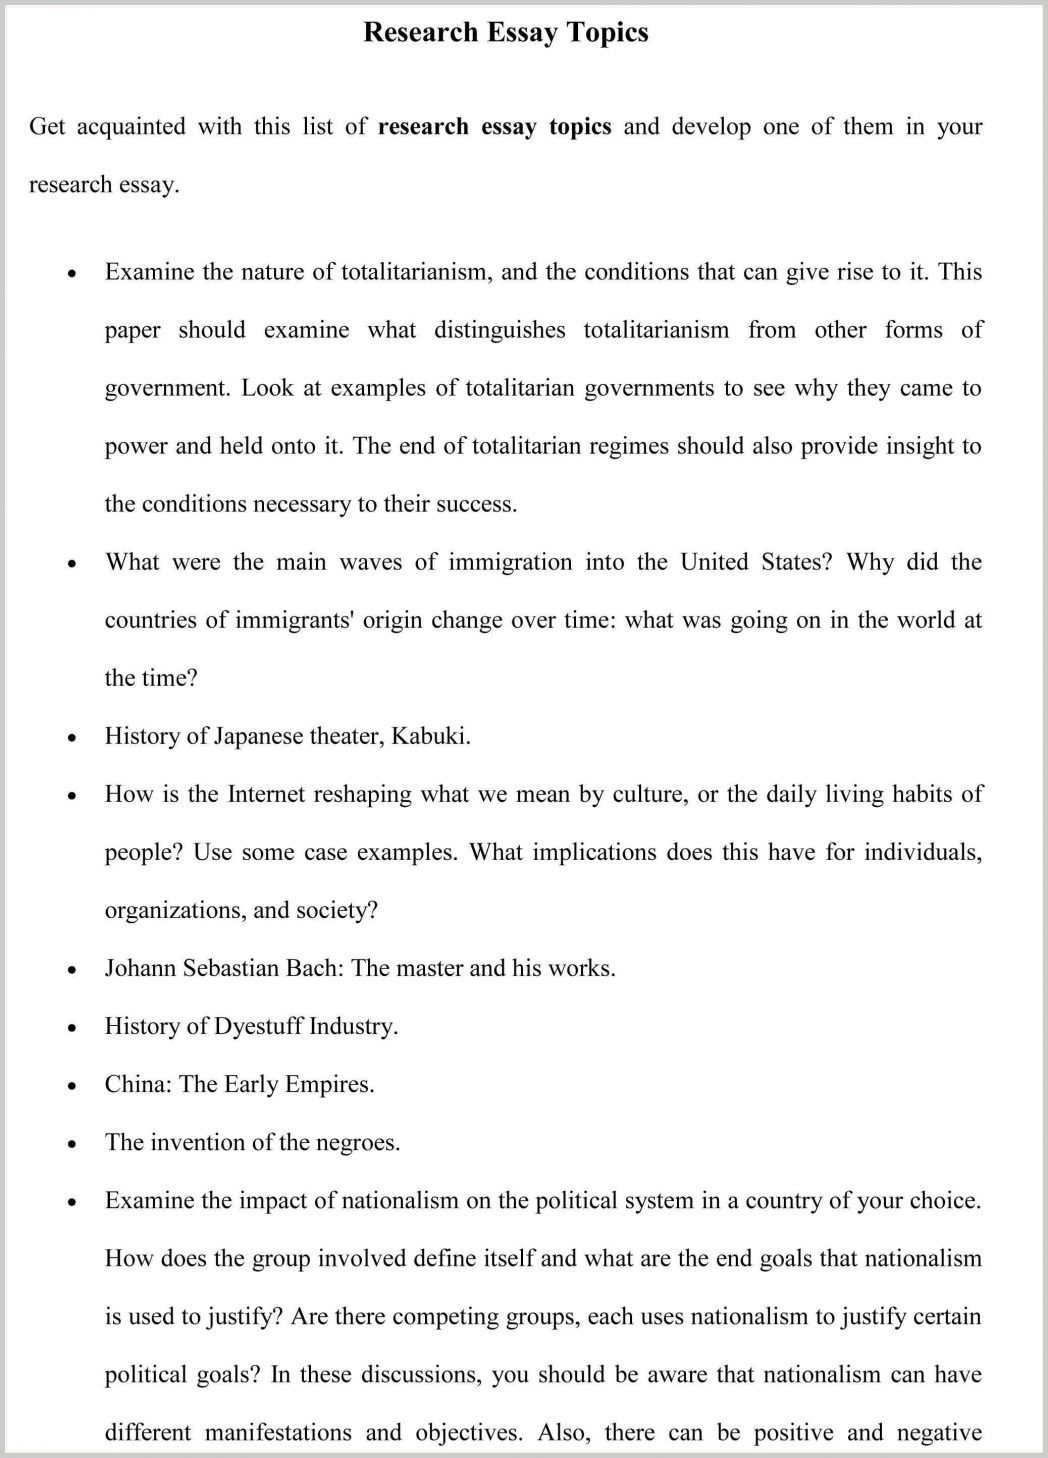 Global Economy Essay Topic Persuasive Topics Exemplification Example